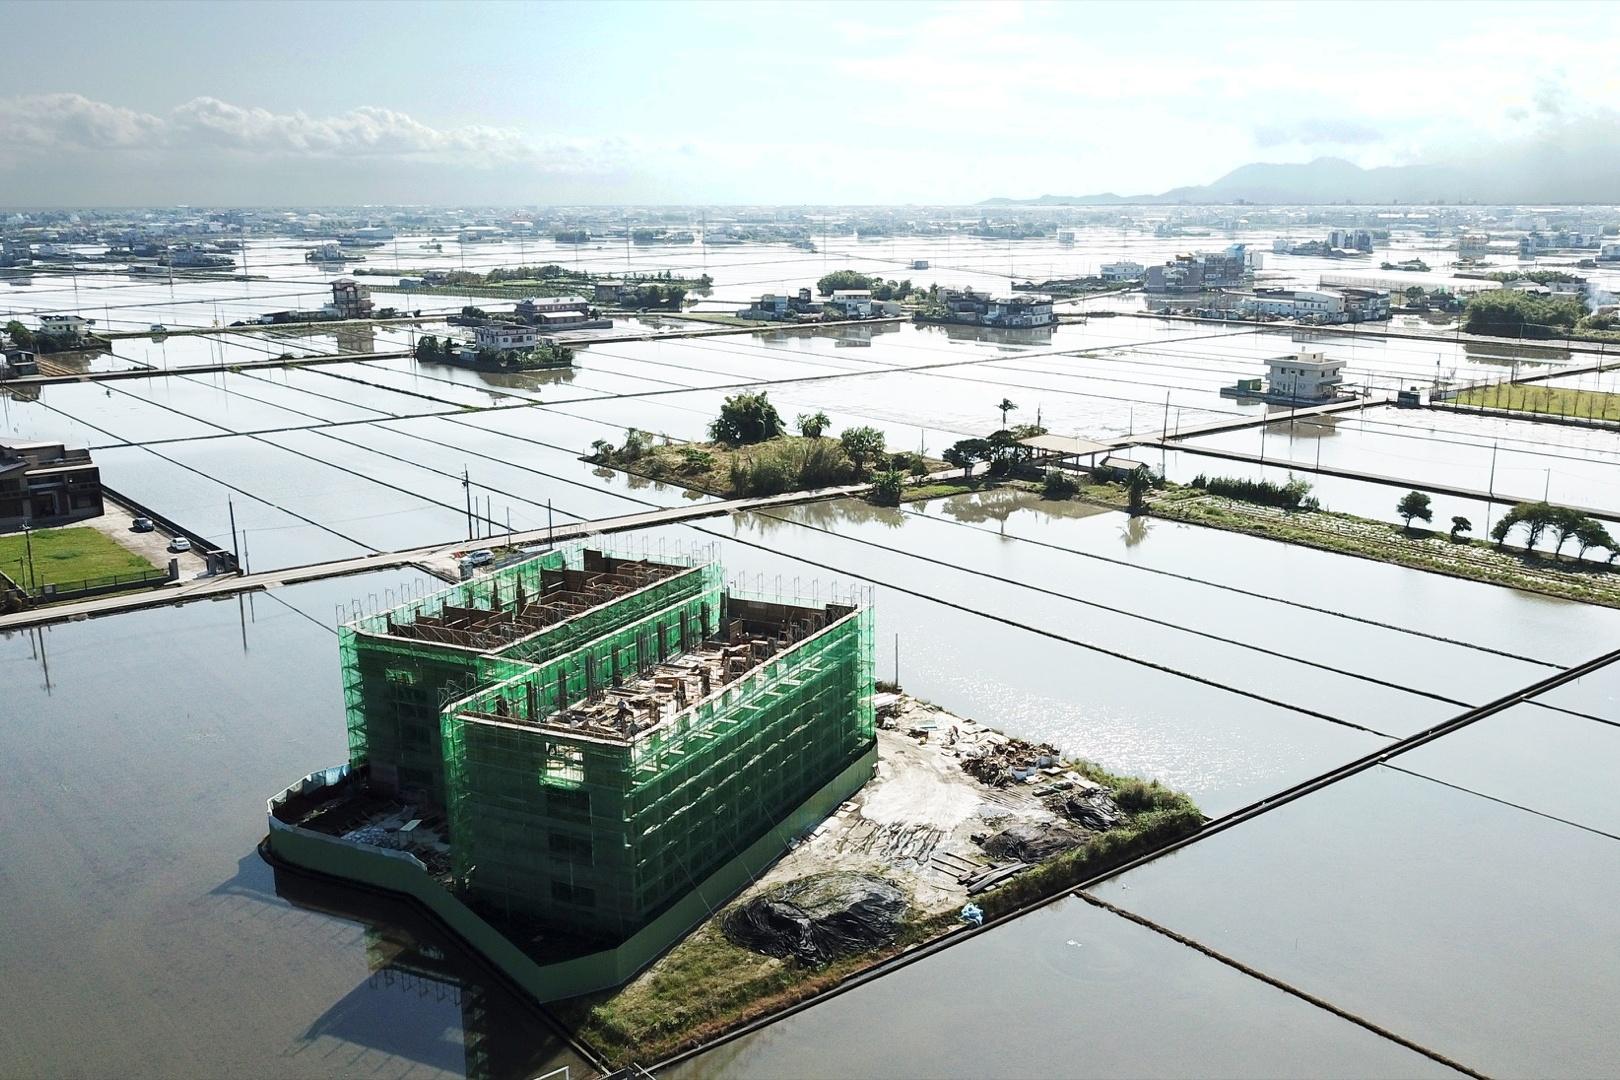 德築-DEZU-project-Zutian-architecture-real-estate-engineering-11